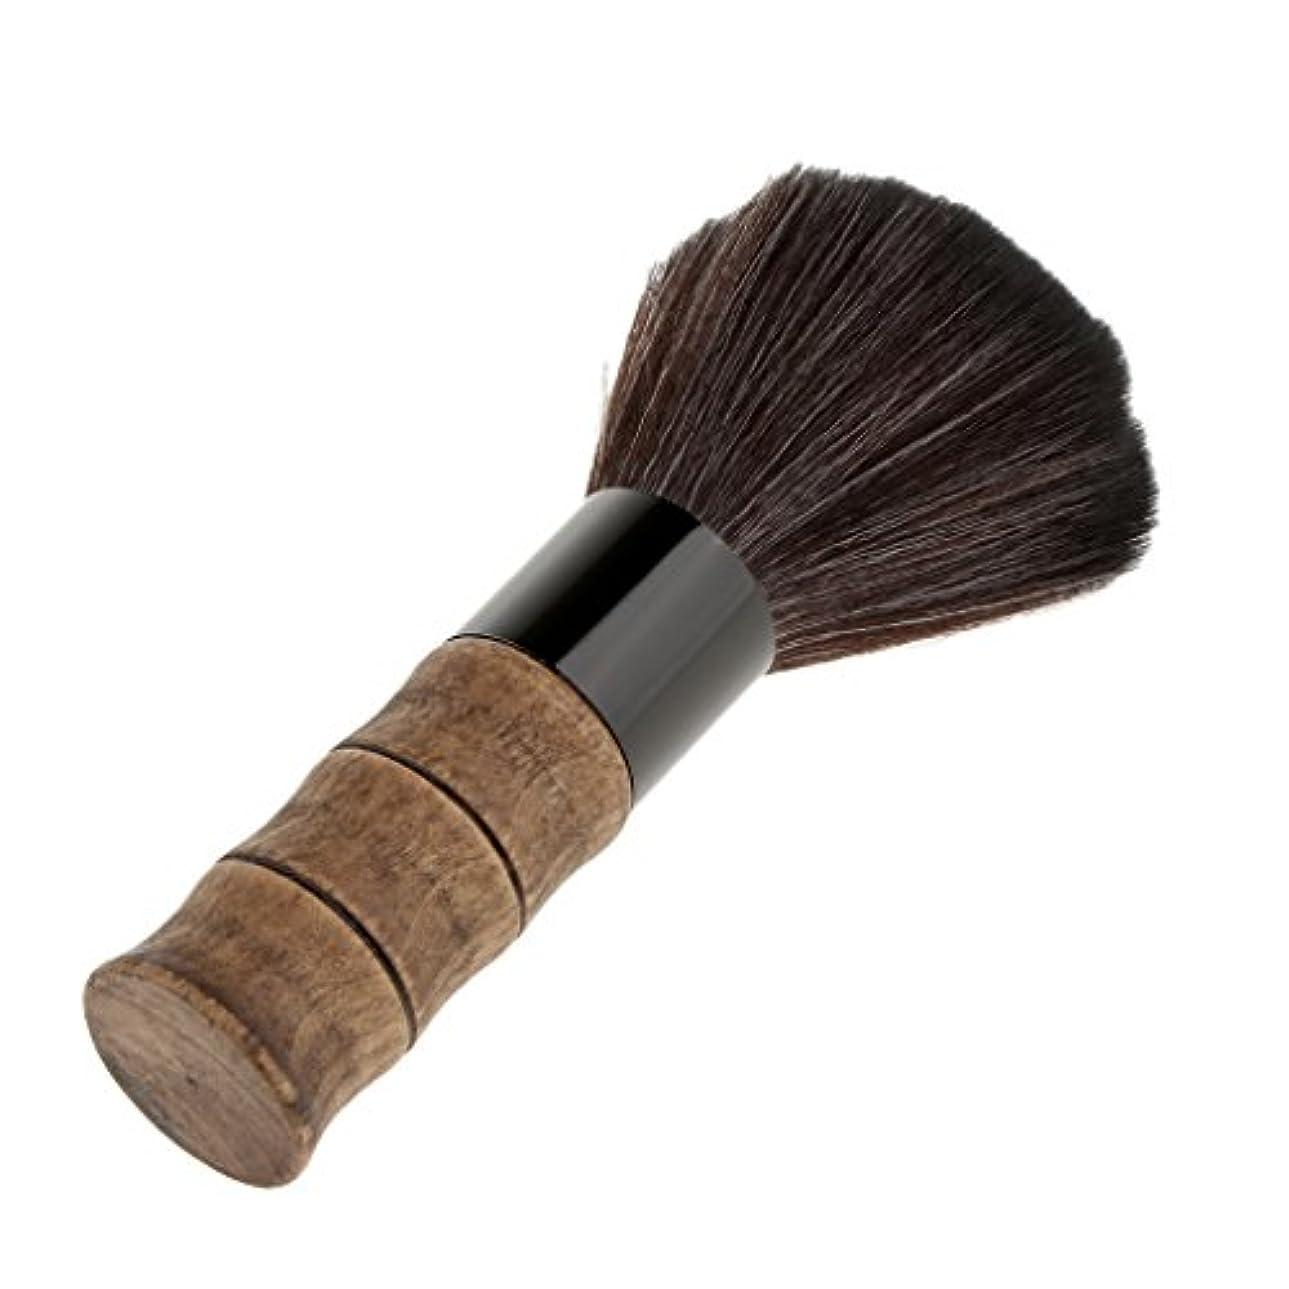 習熟度移行する一目ブラシ シェービングブラシ メイクブラシ ソフト 超柔らかい 繊維 洗顔 木製ハンドル 泡立ち 2色選べる - ブラック